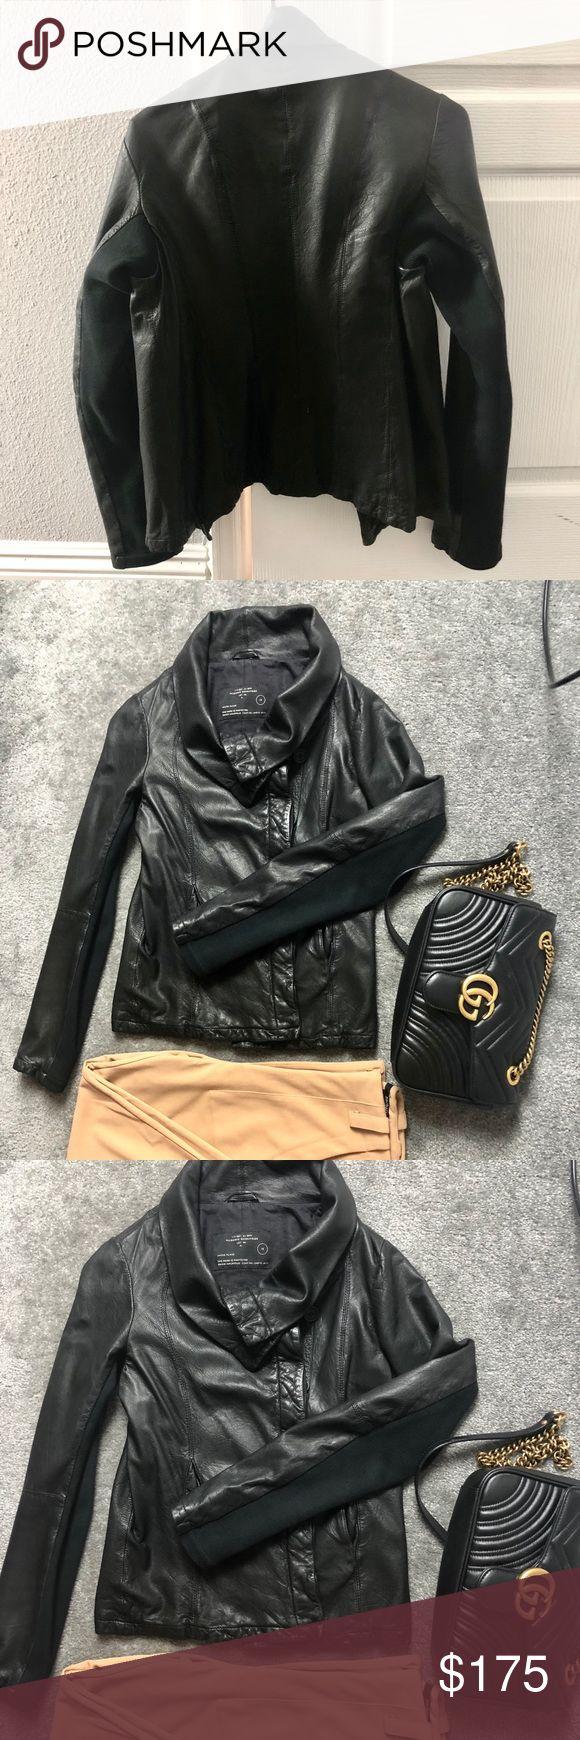 All saints leather jacket UK size 10, fits like US size